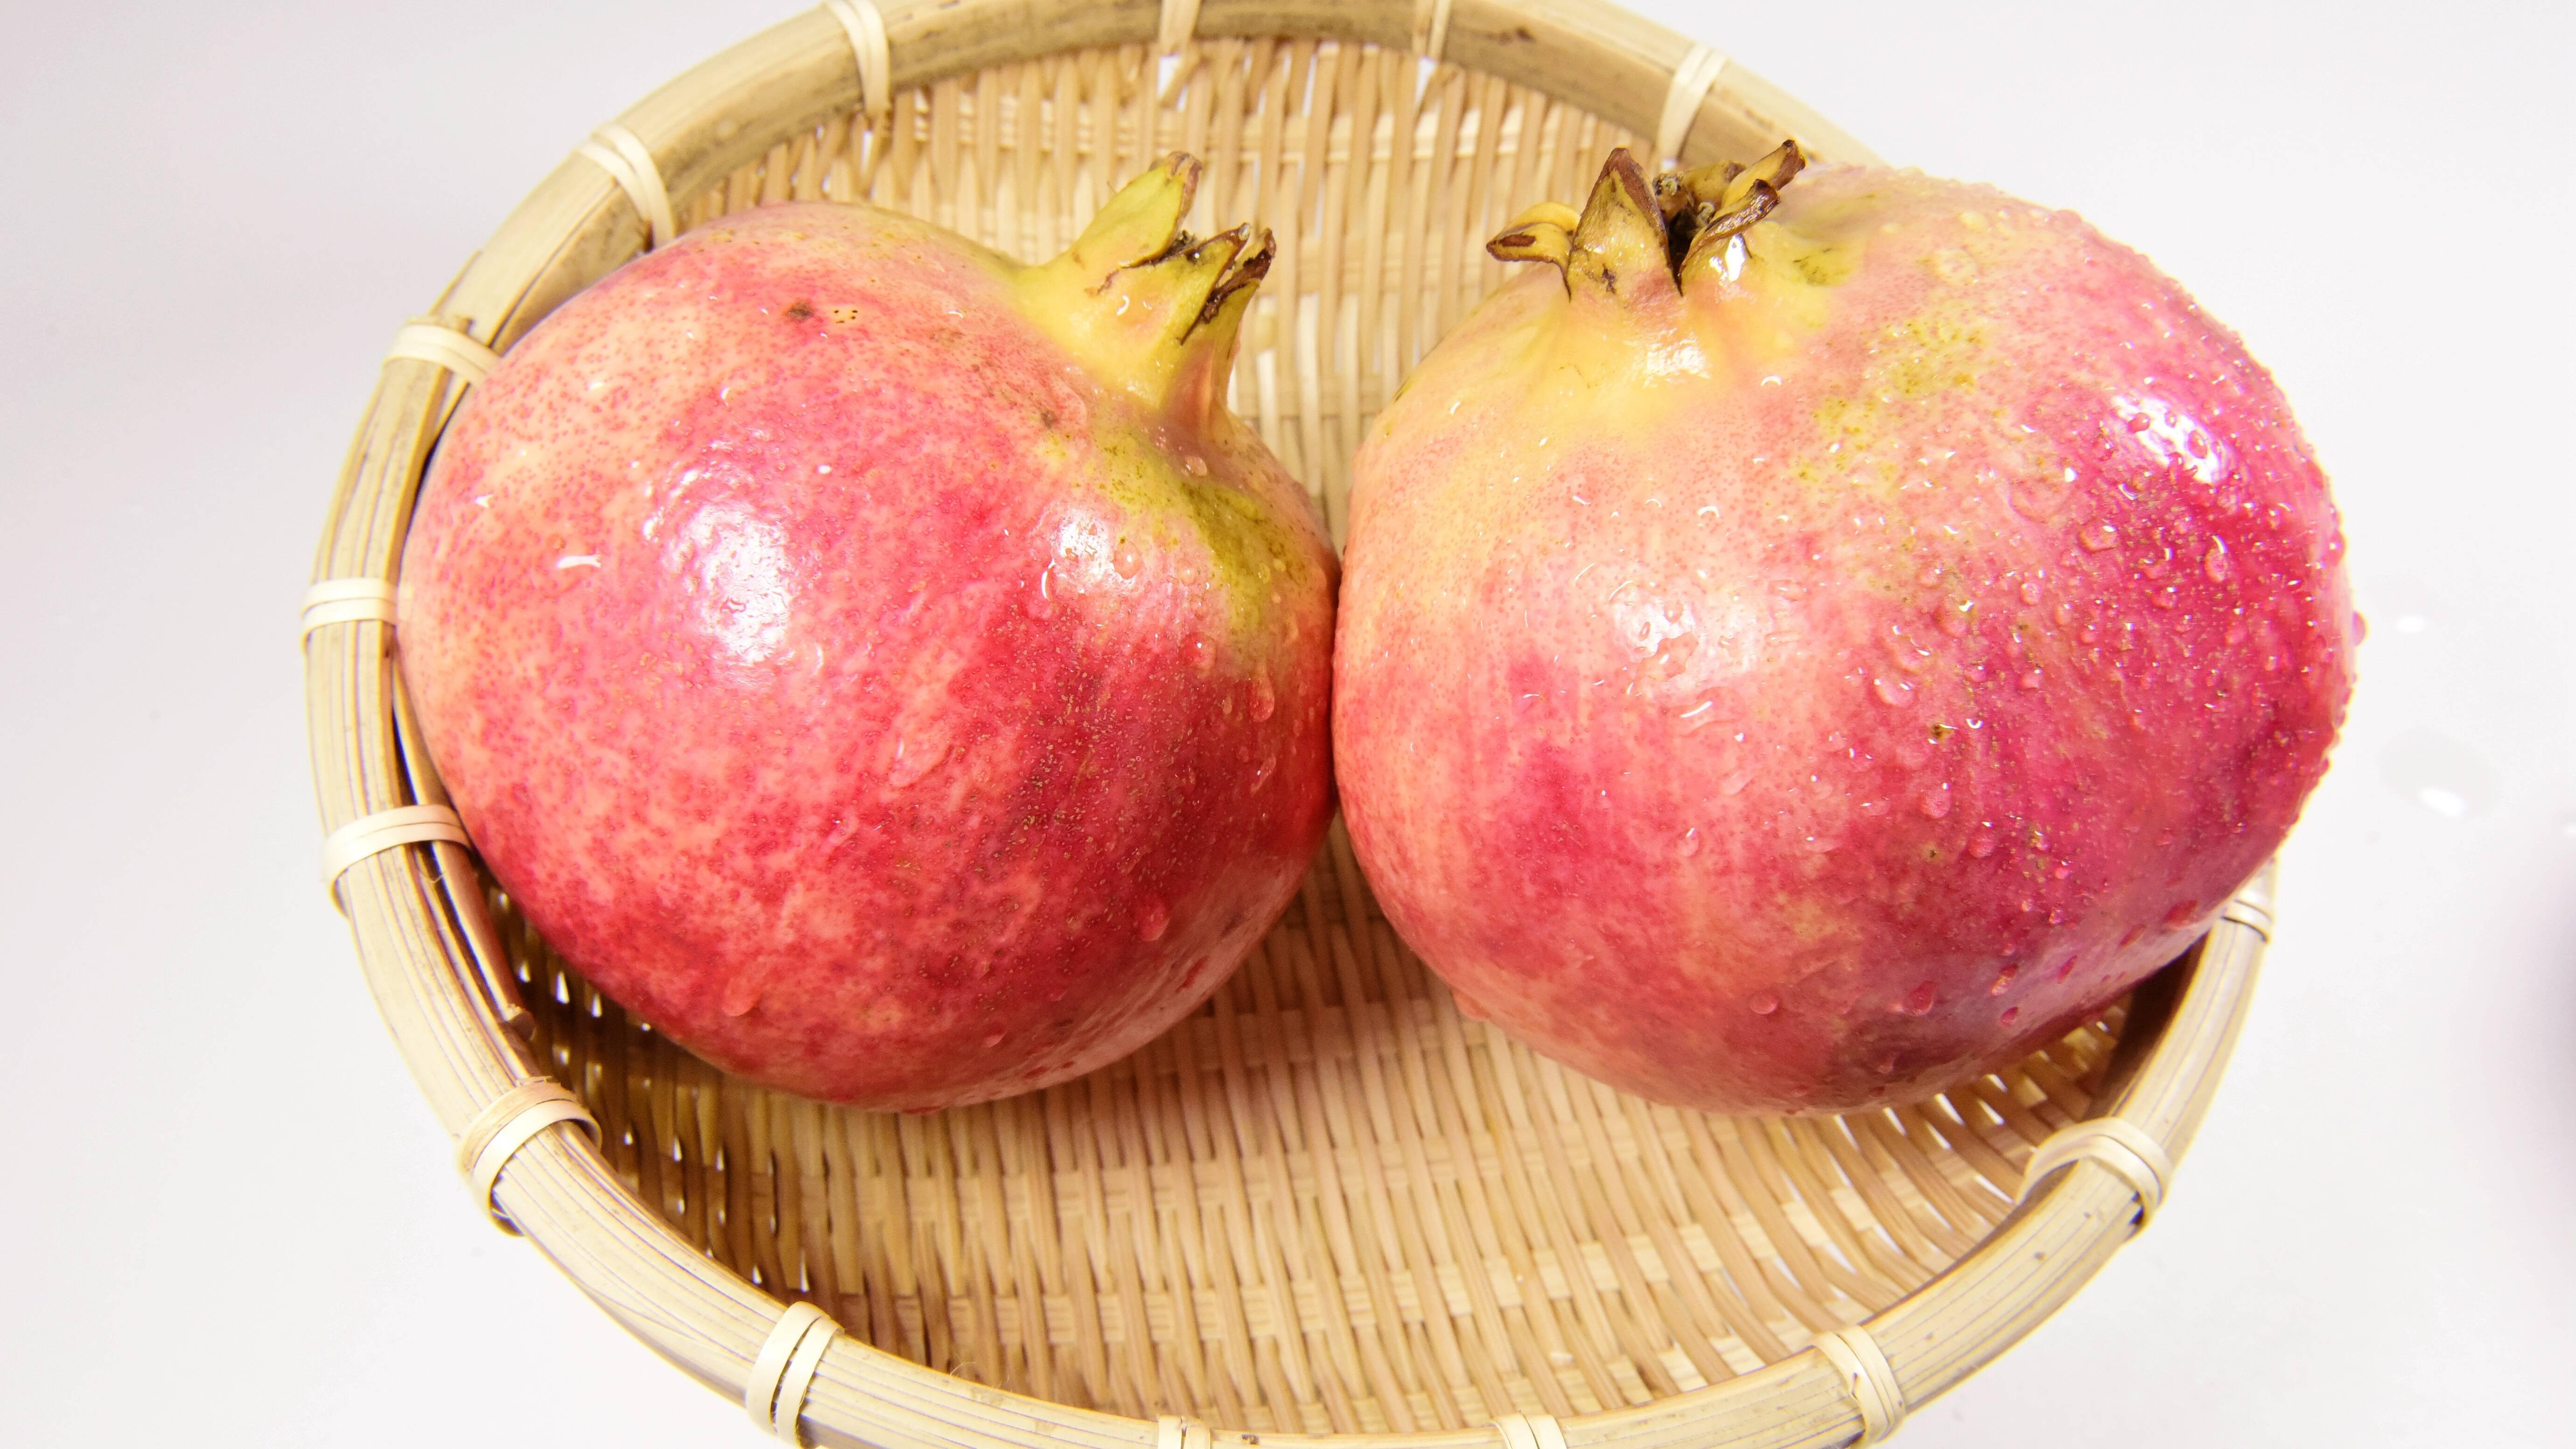 Einen Granatapfel lagern Sie am besten bei Raumtemperatur in einer Obstschale oder im Kühlschrank.